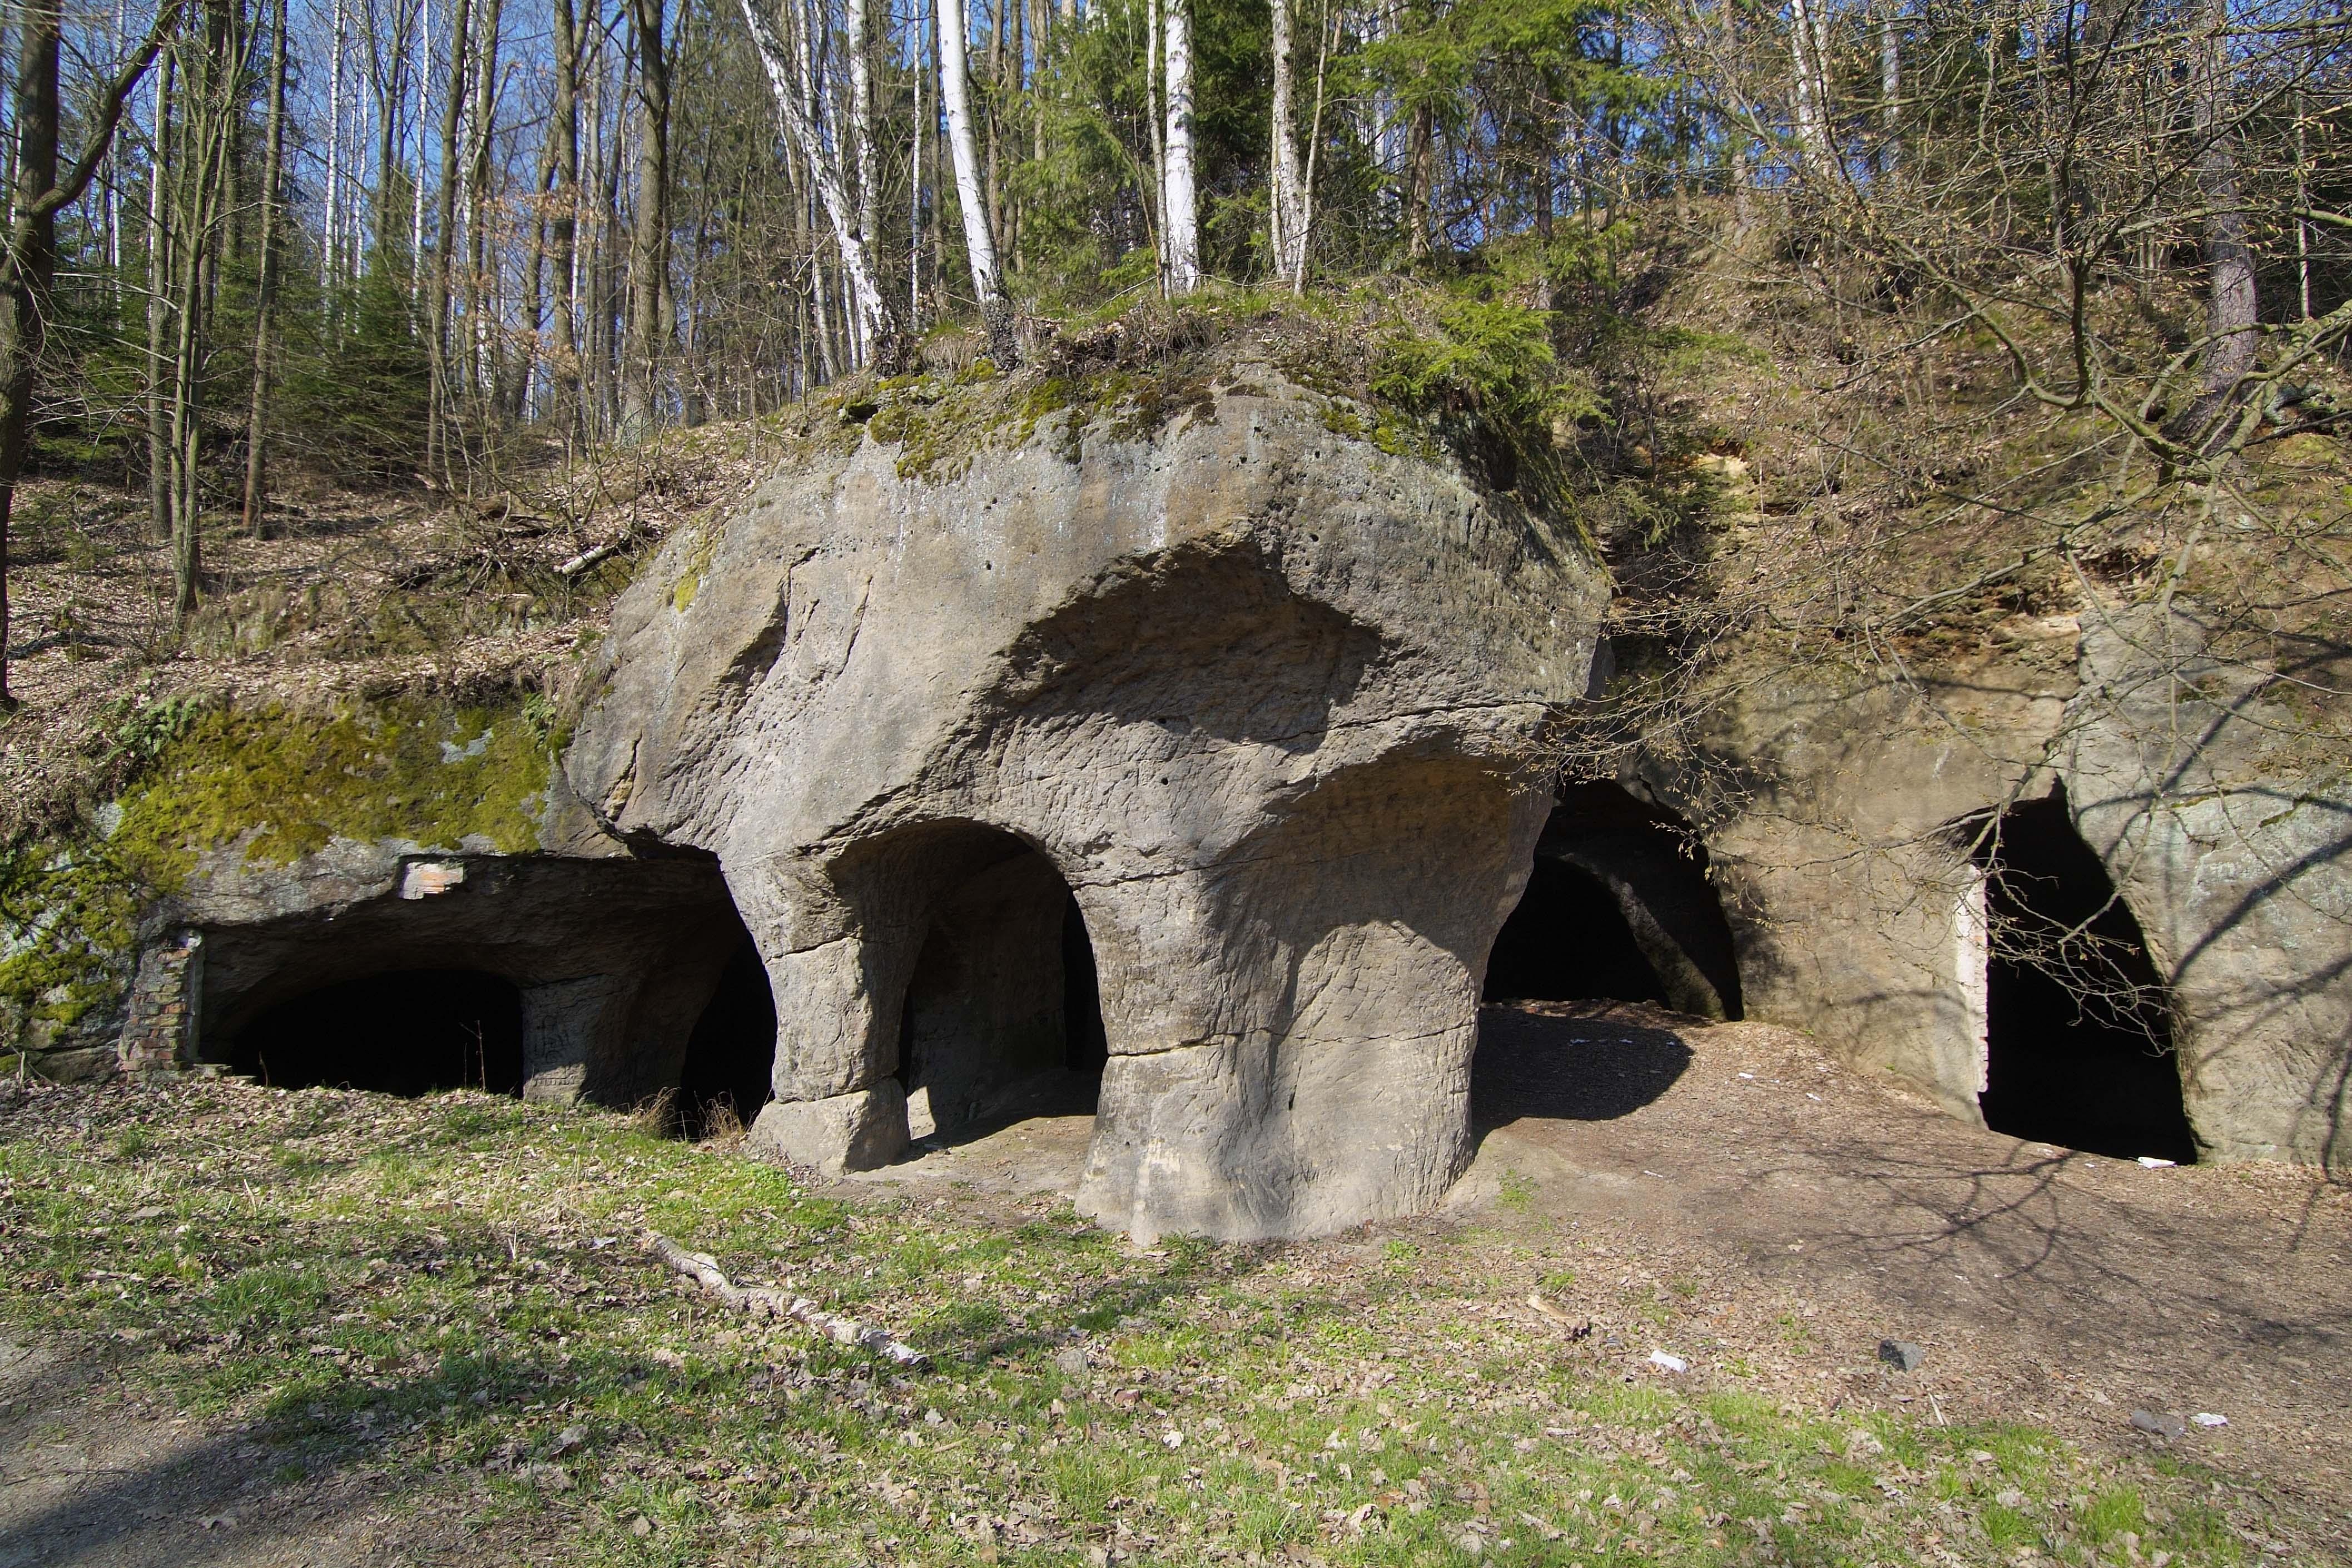 Jeskyně Pusté kostely